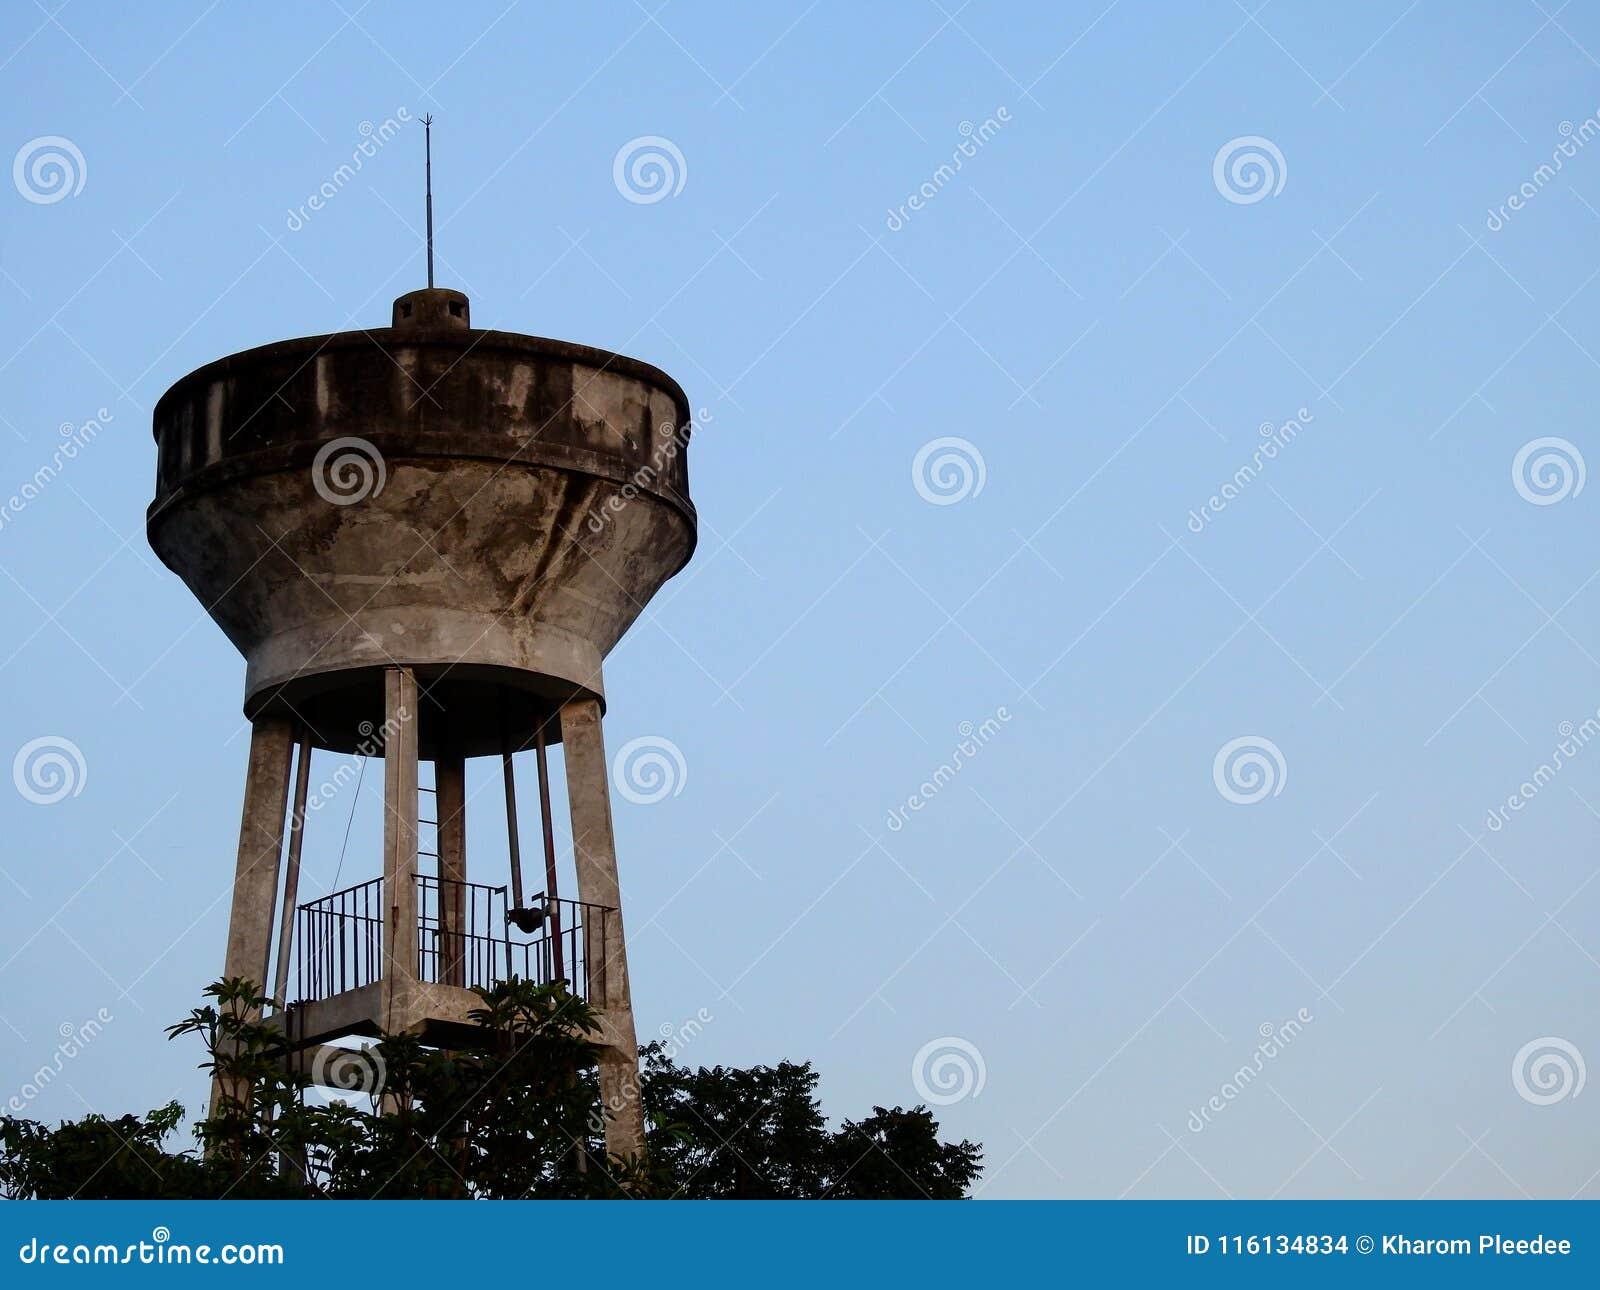 El tanque de agua, el tanque del abastecimiento de agua para Consume con el fondo del cielo azul